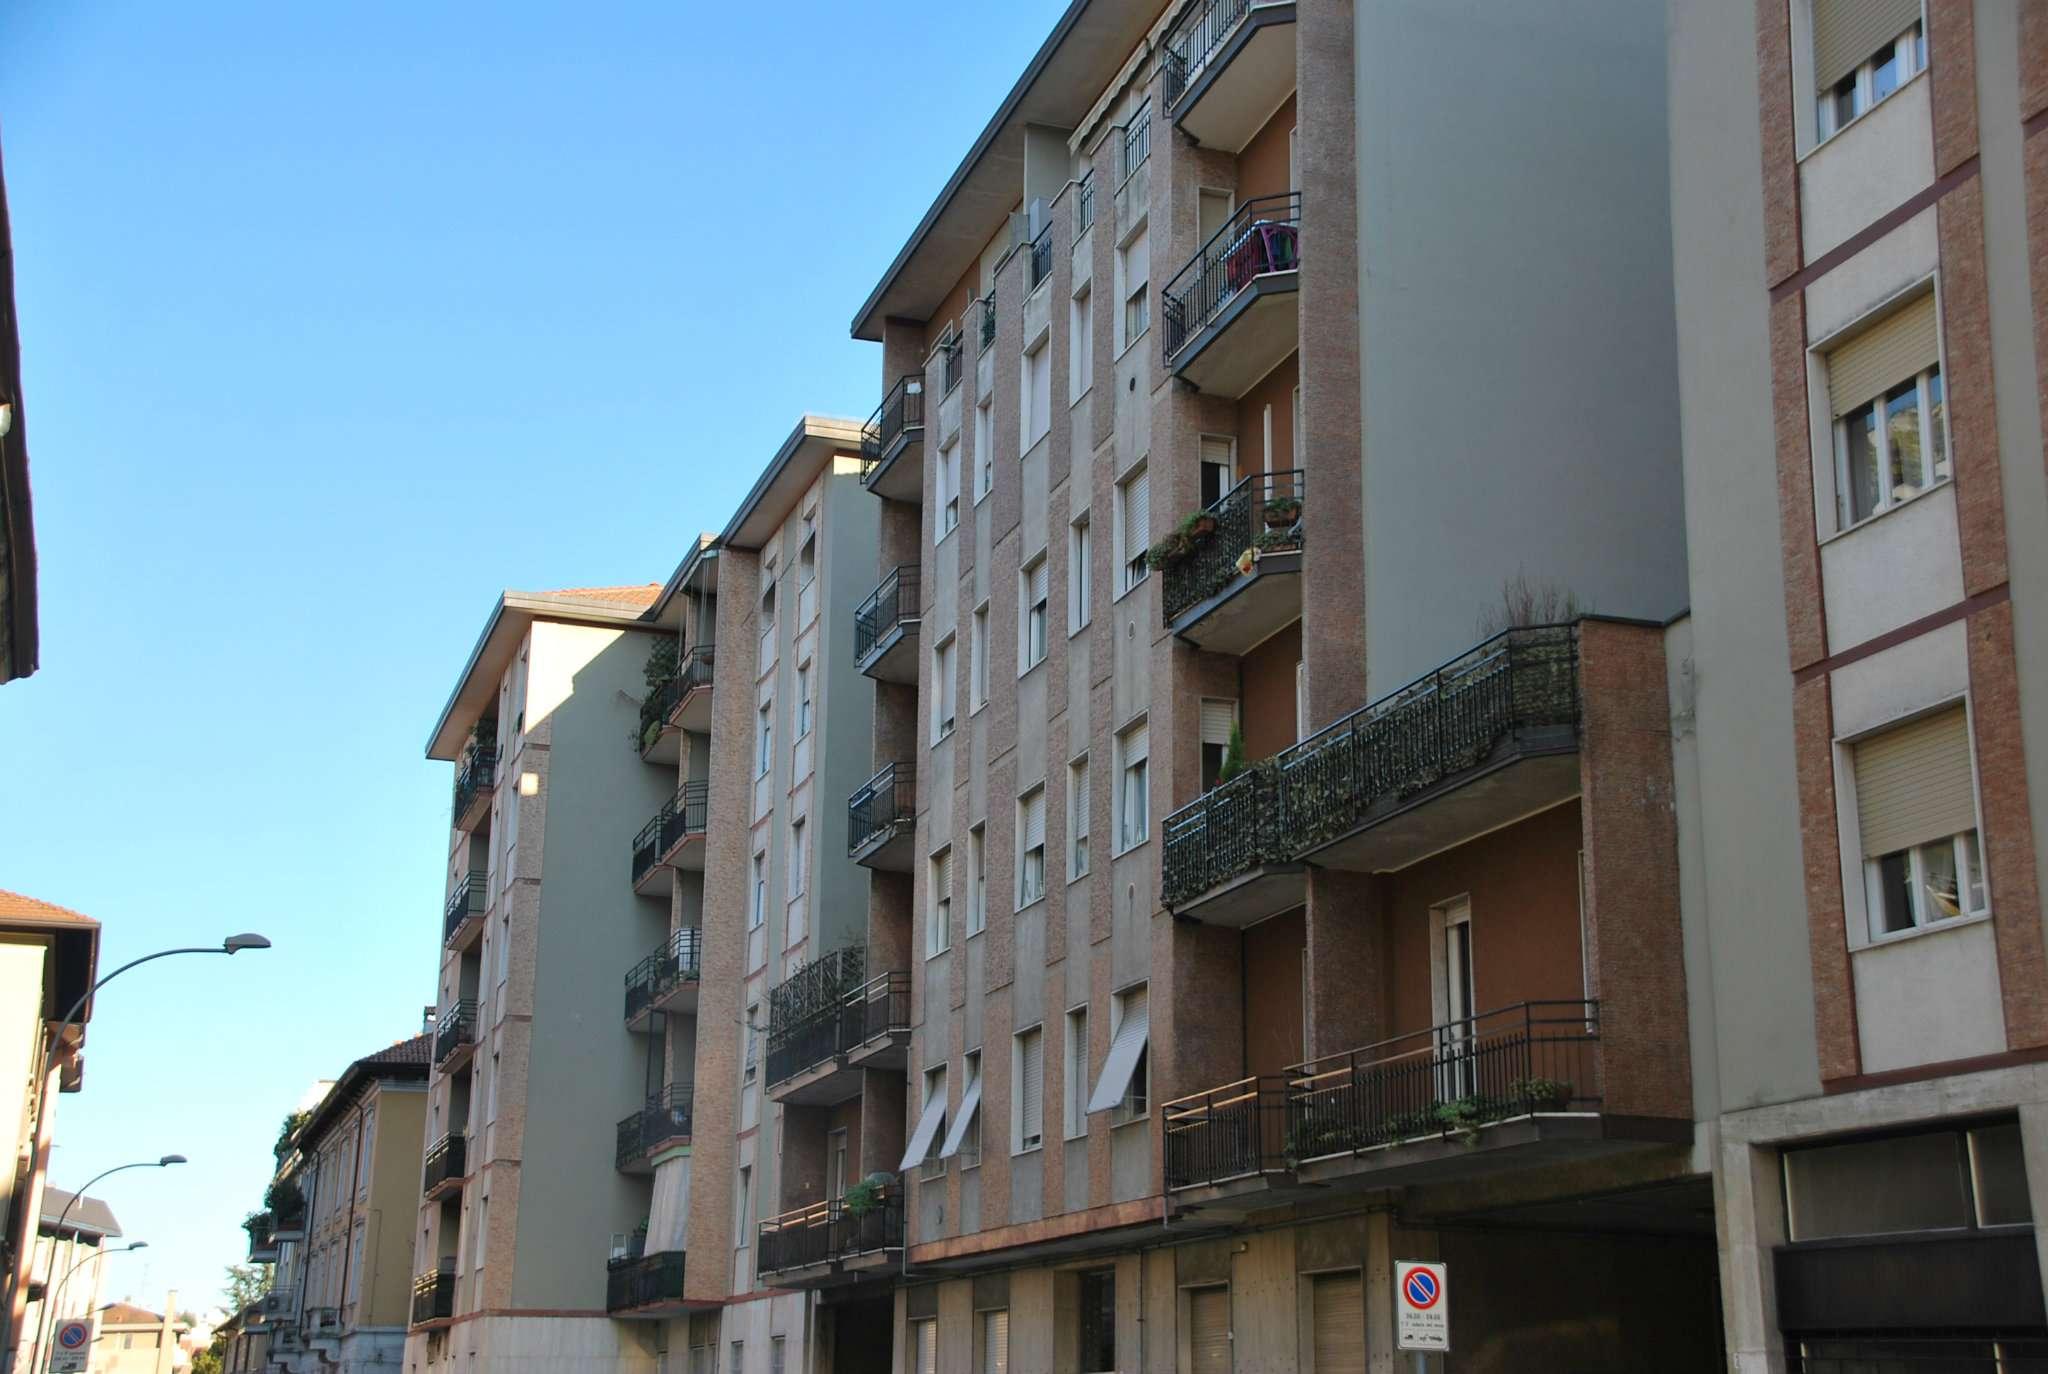 Appartamento in vendita a Legnano, 3 locali, prezzo € 165.000 | PortaleAgenzieImmobiliari.it